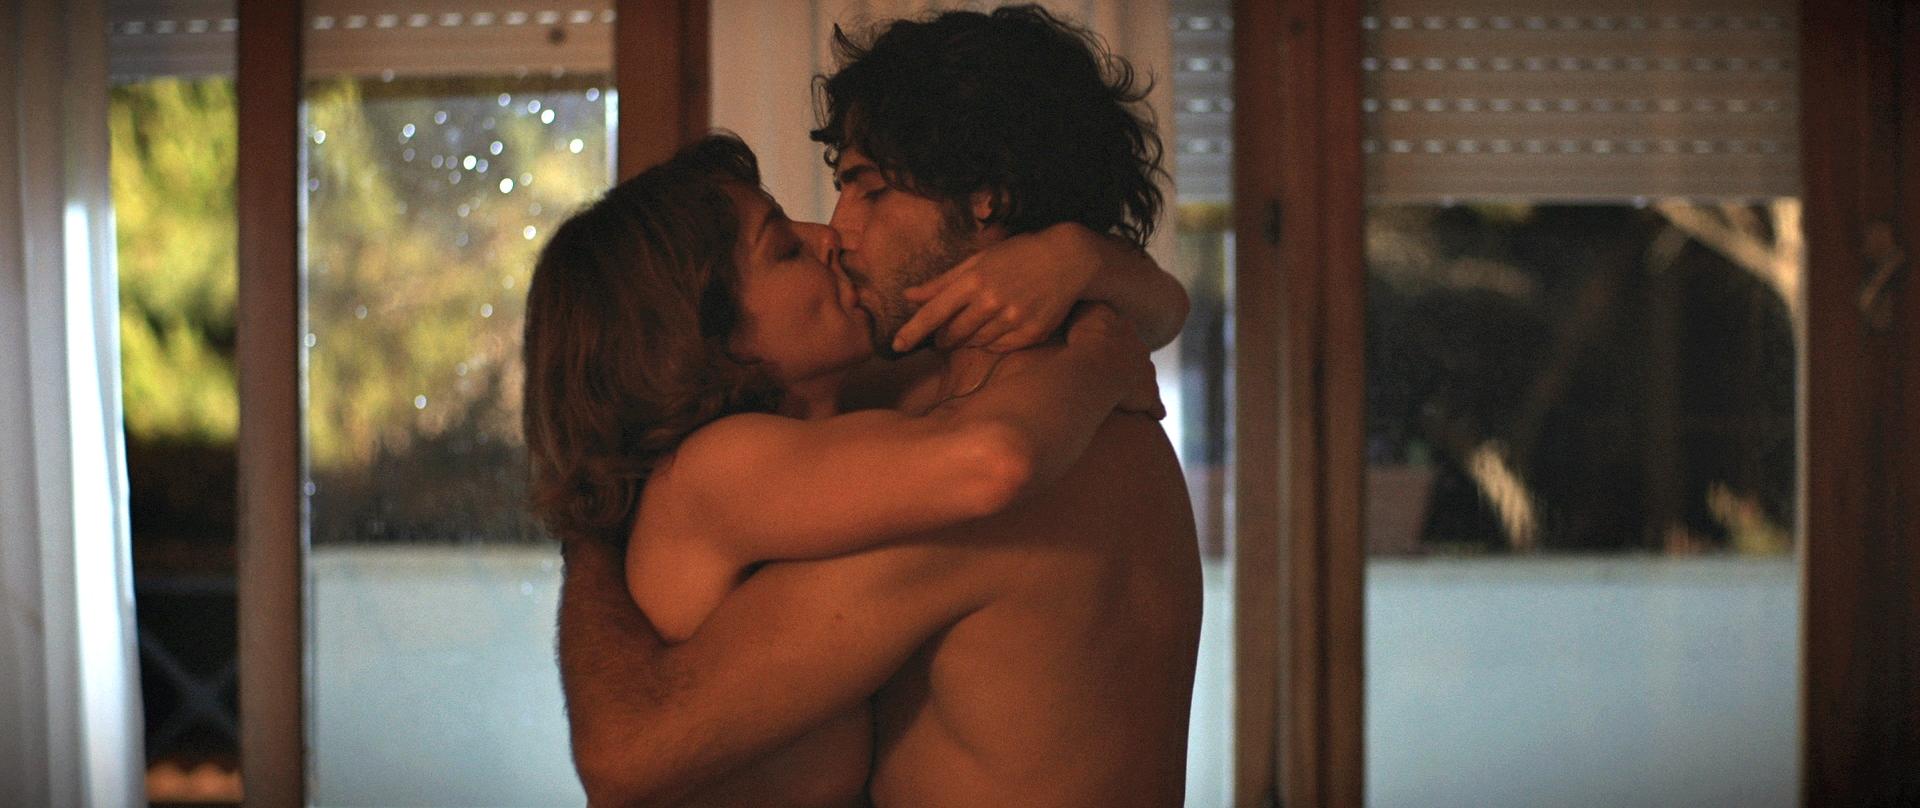 fantasie a letto film italiani scene hot